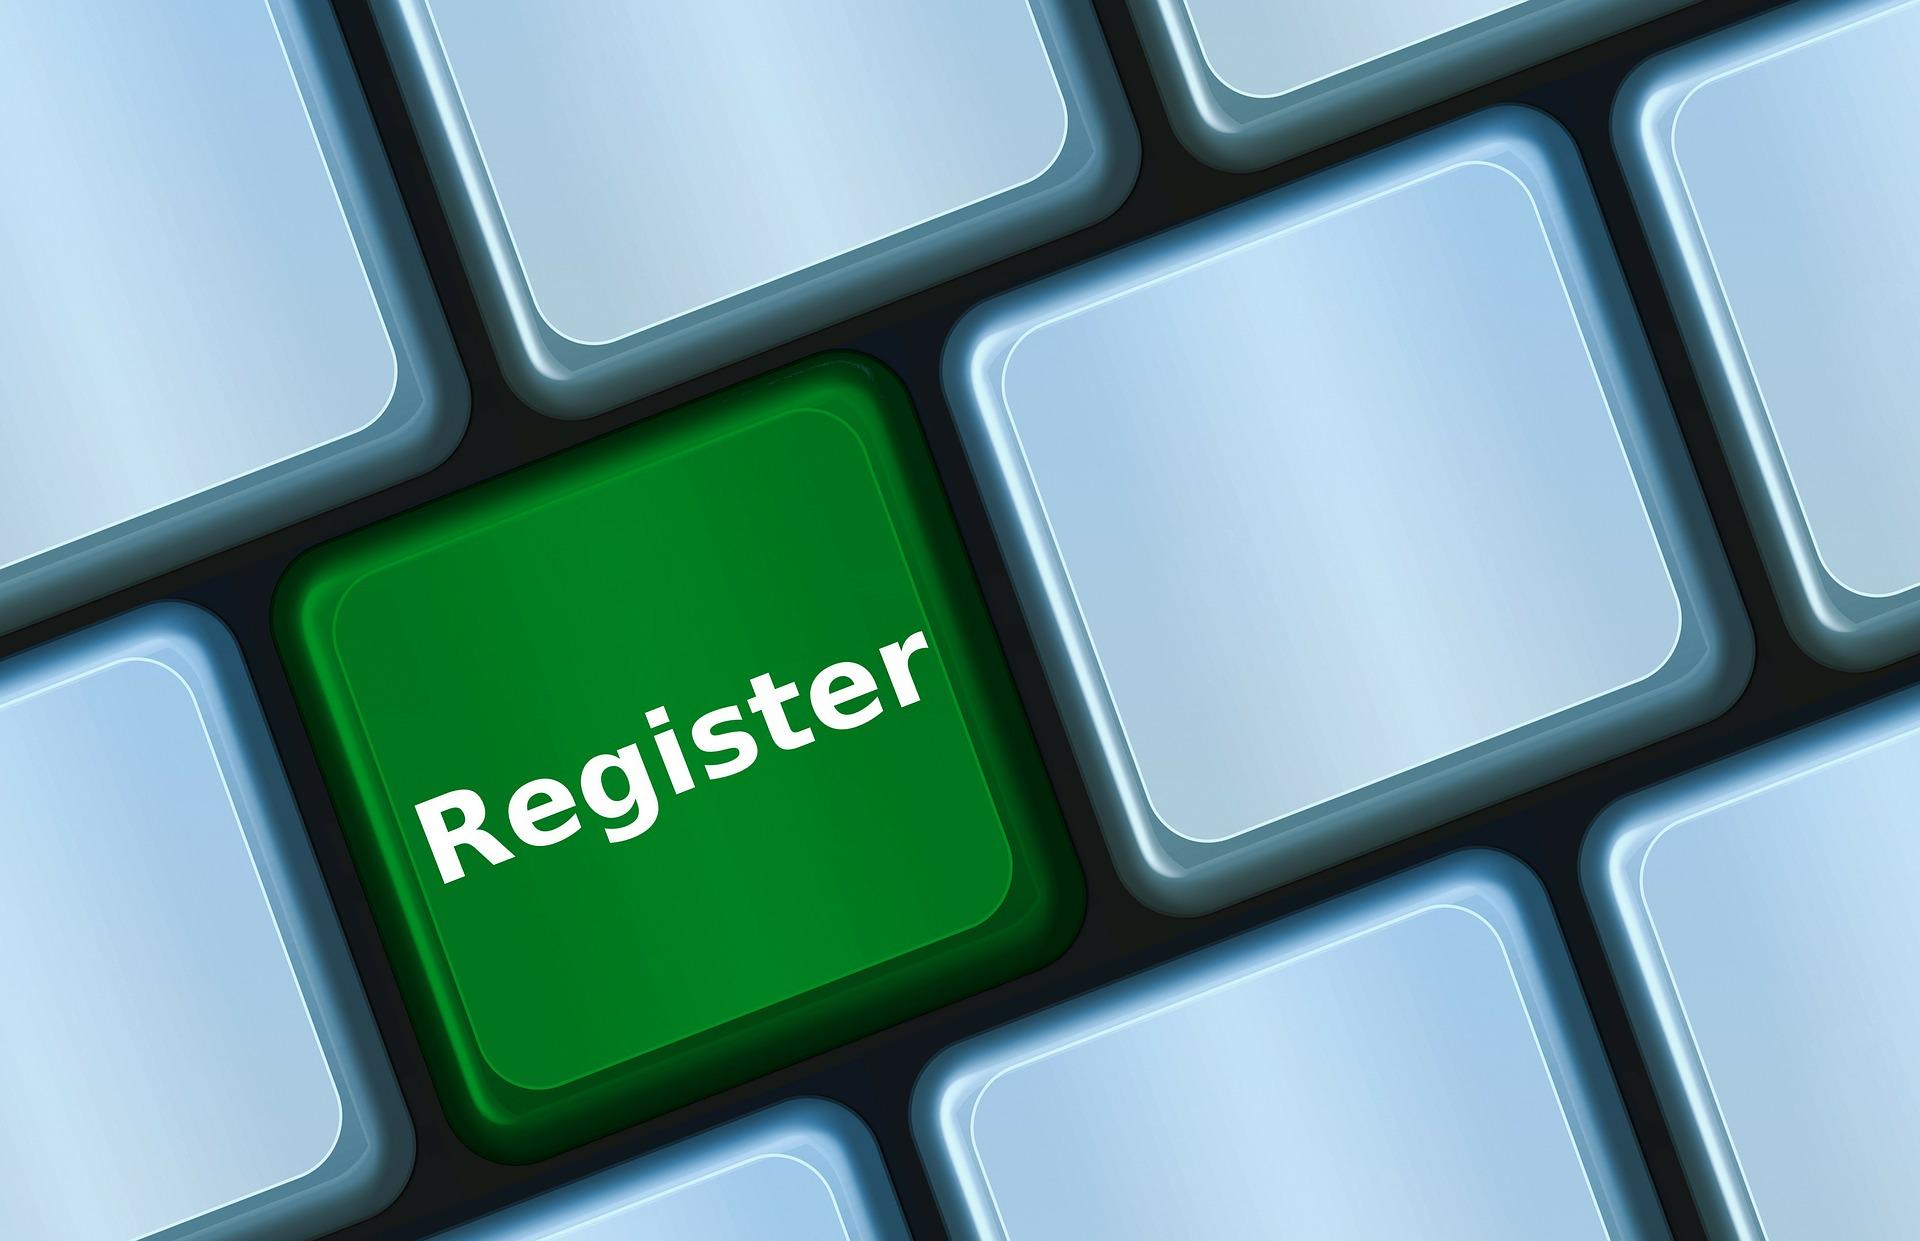 Öffentliche Register - wie im vorliegenden Fall das der Lobbys